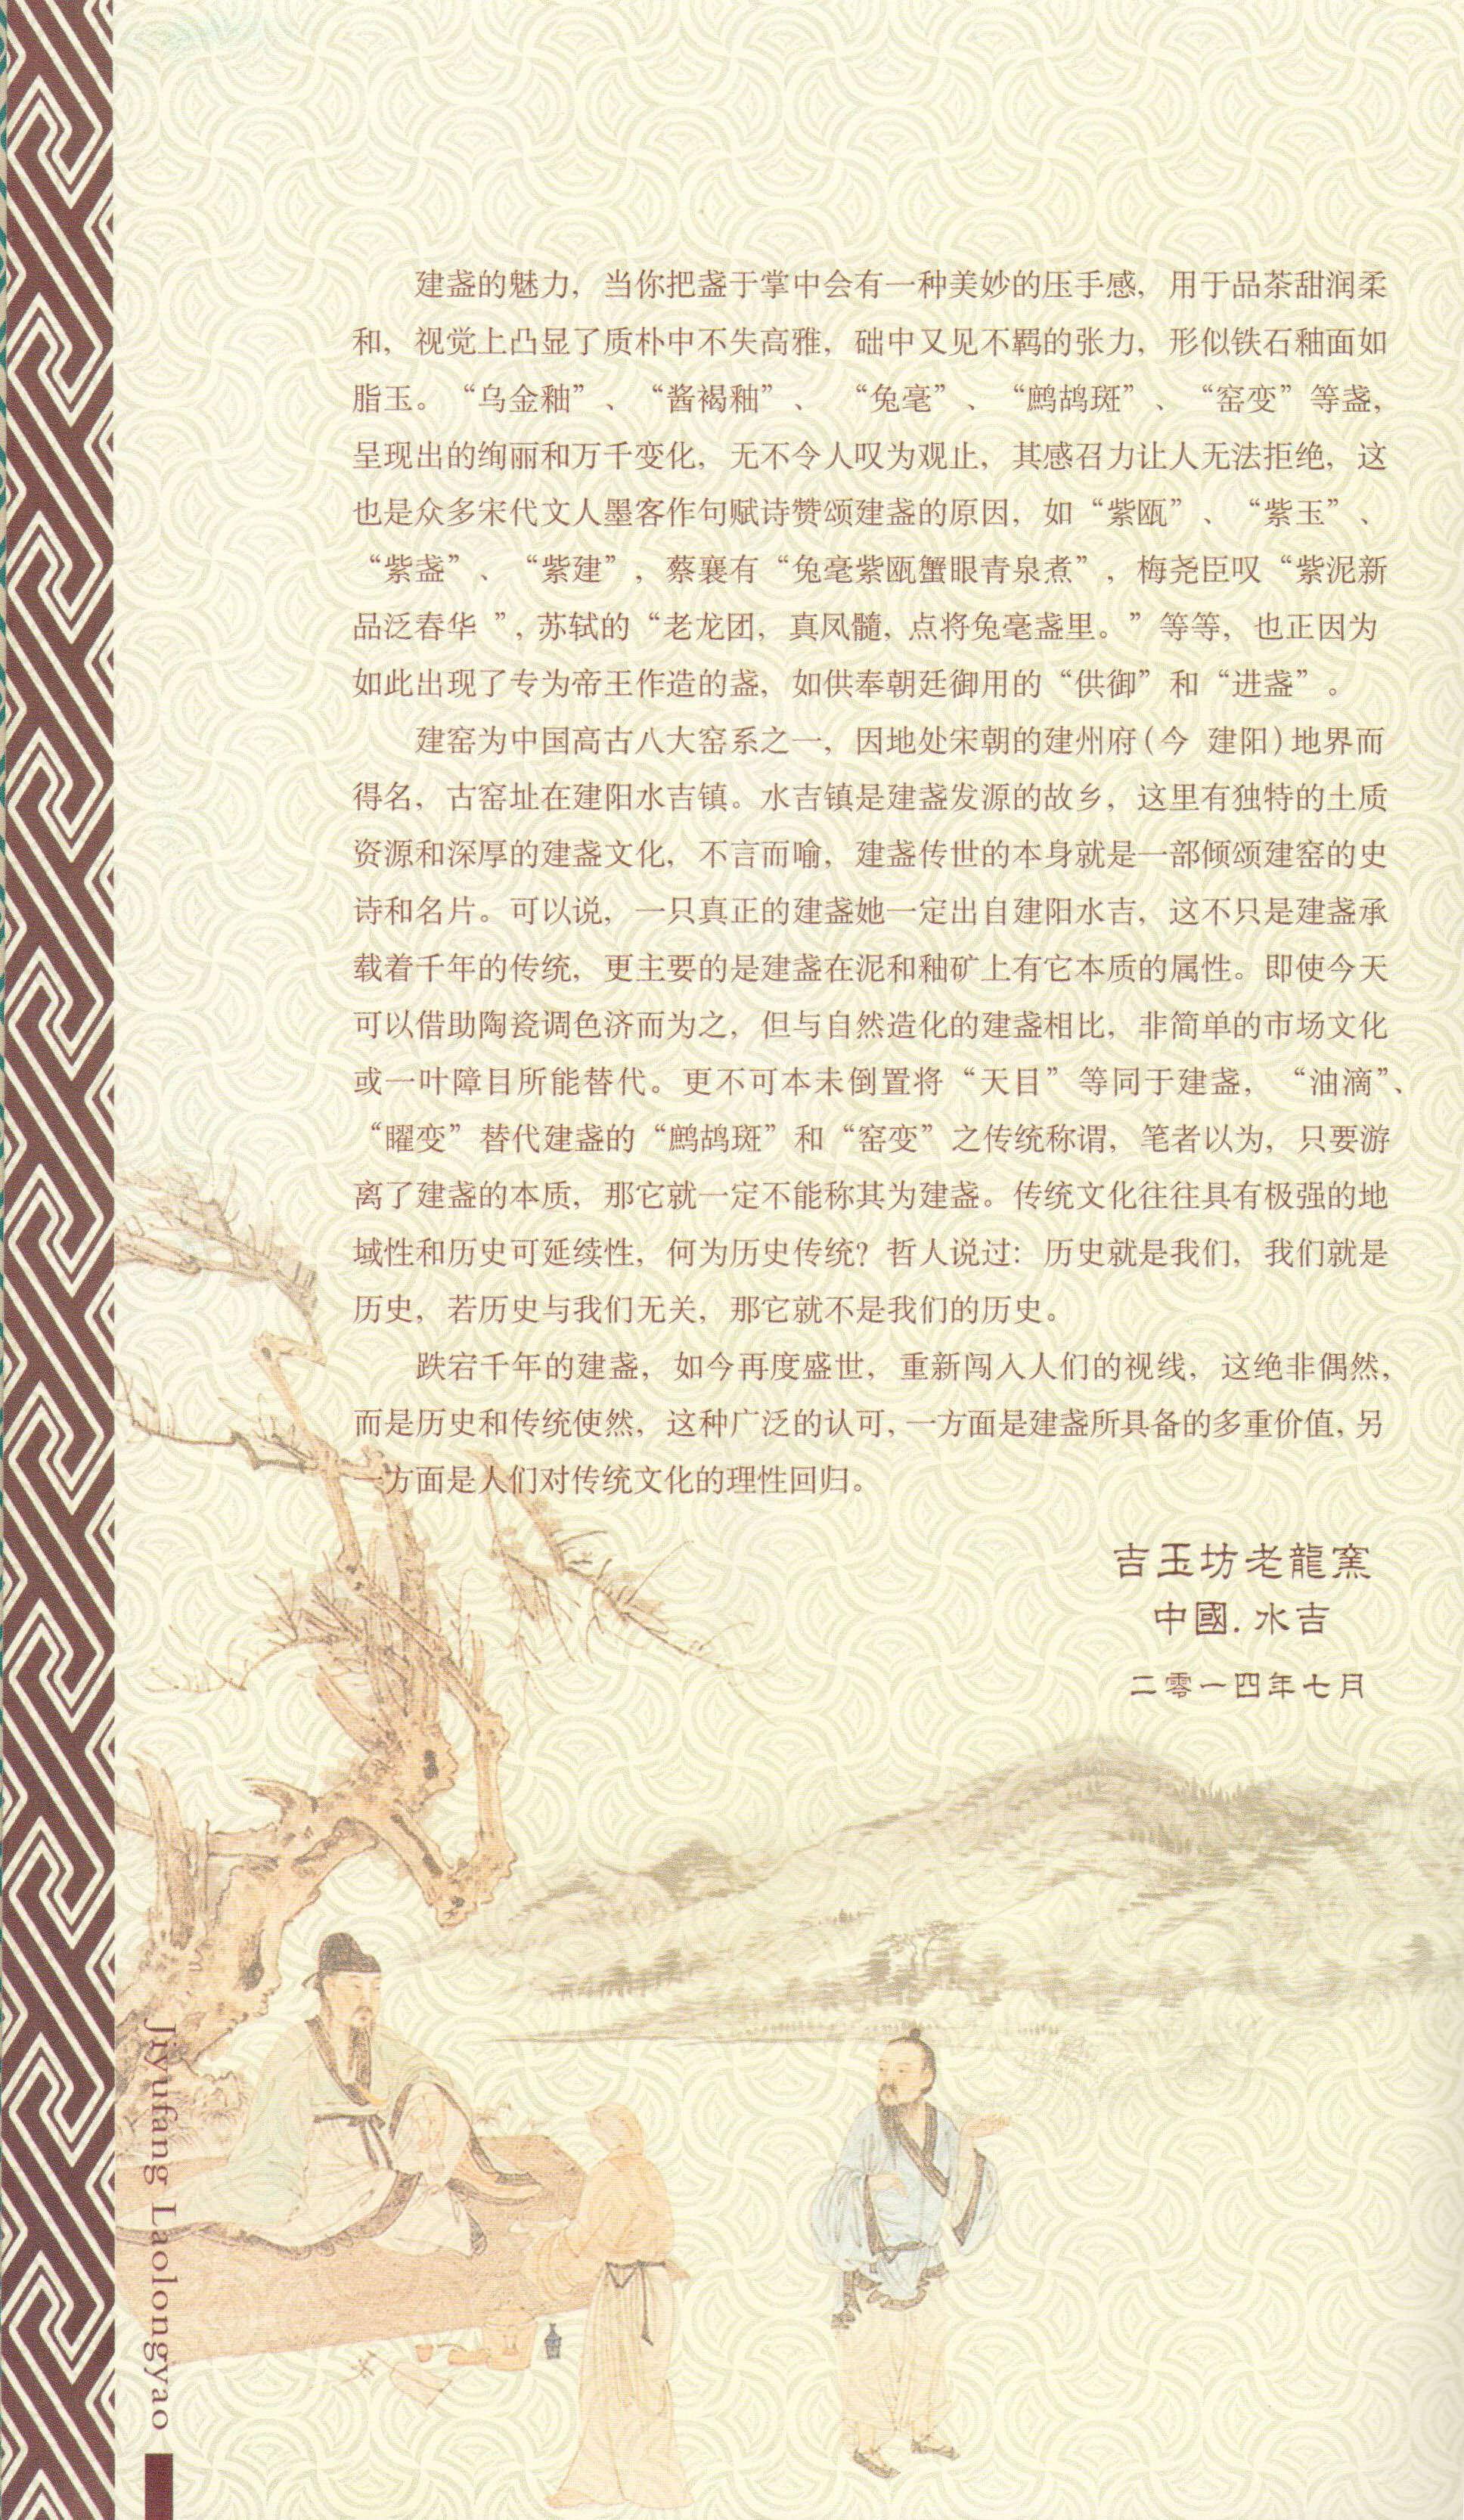 jiyufang_laolongyao-8